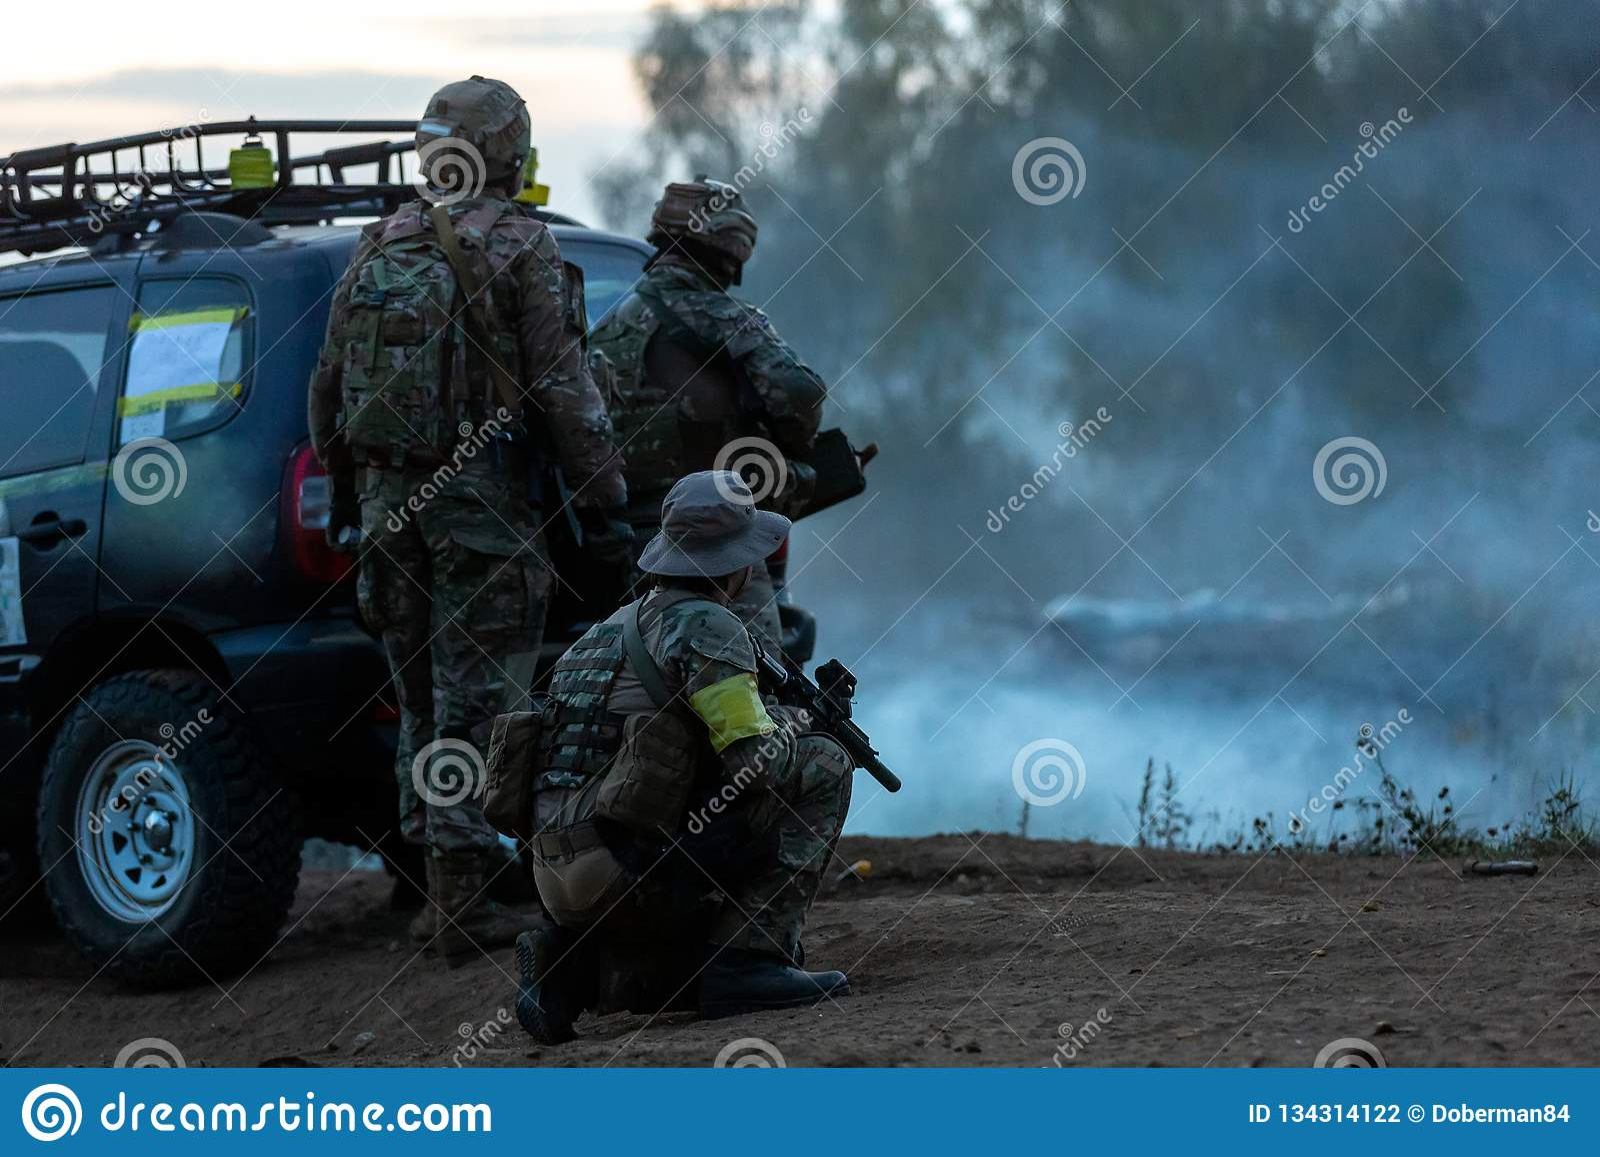 Legermilitairen tijdens de militaire operatie oorlog, leger, technologie en mensenconcept